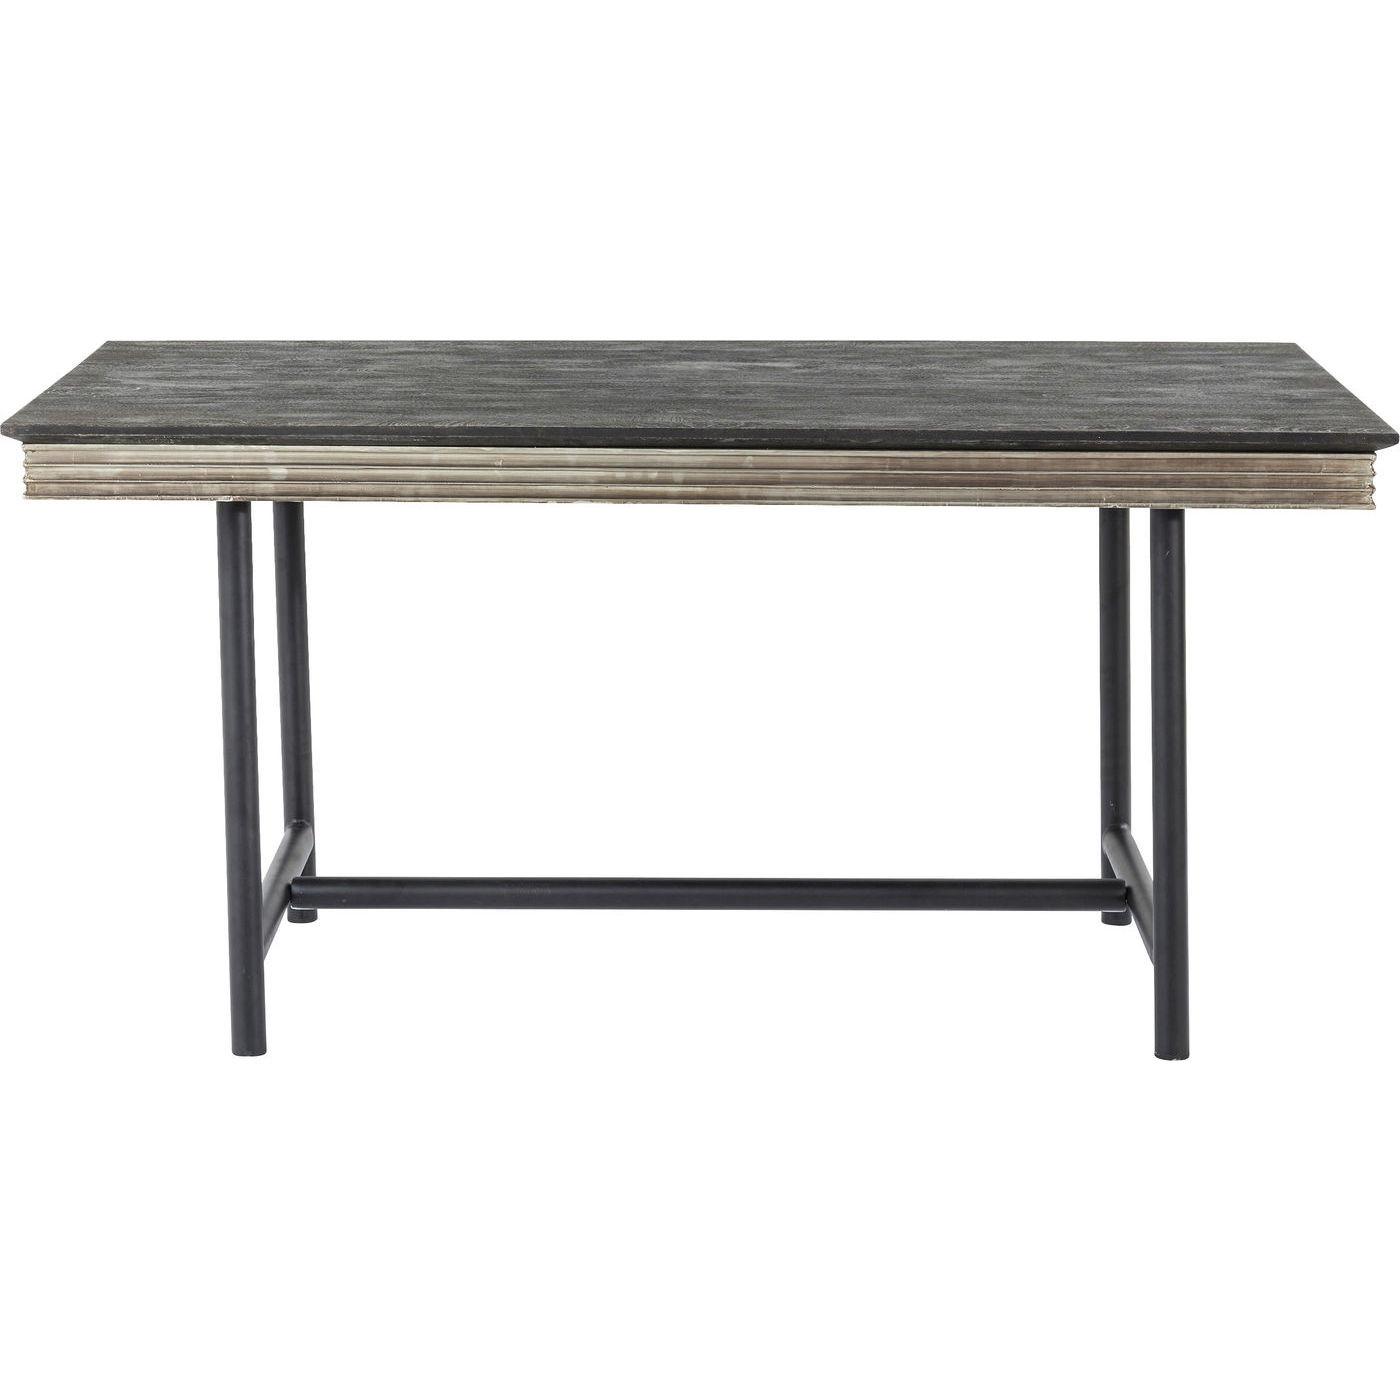 tisch art house 160x90cm kare design mutoni m bel. Black Bedroom Furniture Sets. Home Design Ideas